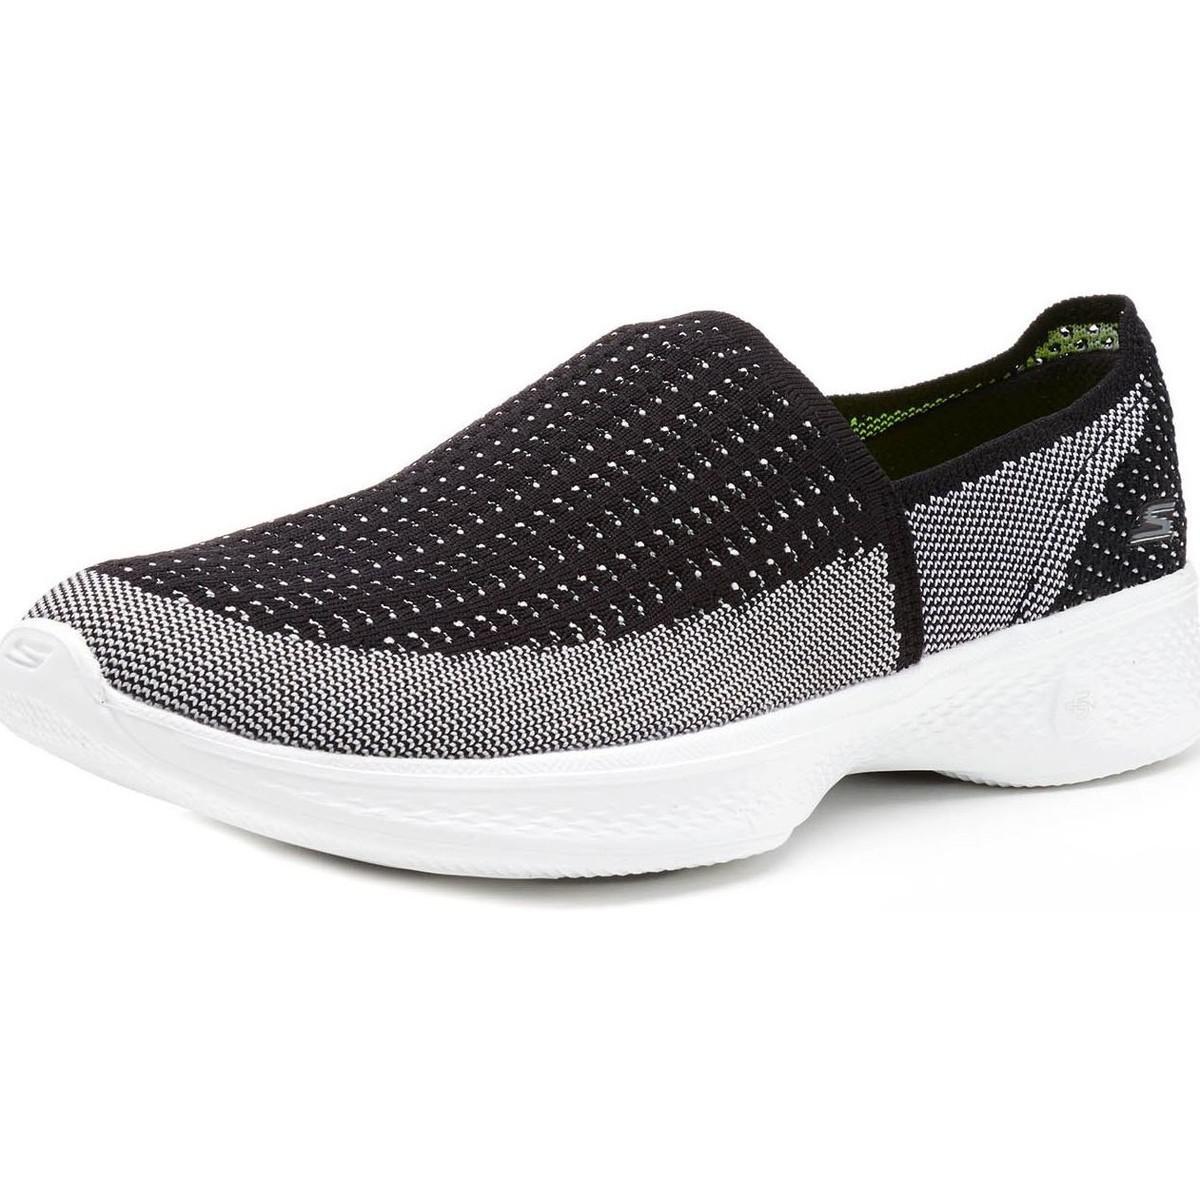 Skechers Gowalk 4 Ravish Women Trainers In Black White 14924 Bkw Women's Slip-ons (shoes) In Black